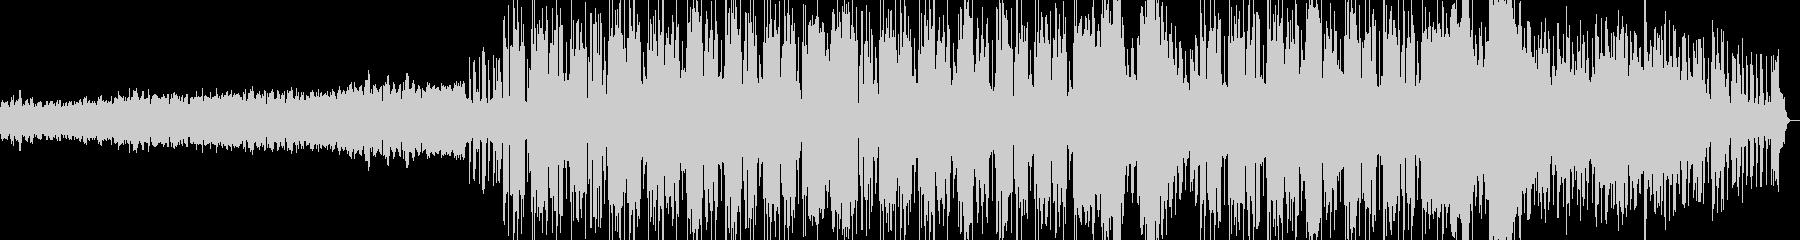 クリスピーなギターのブルージーロックの未再生の波形